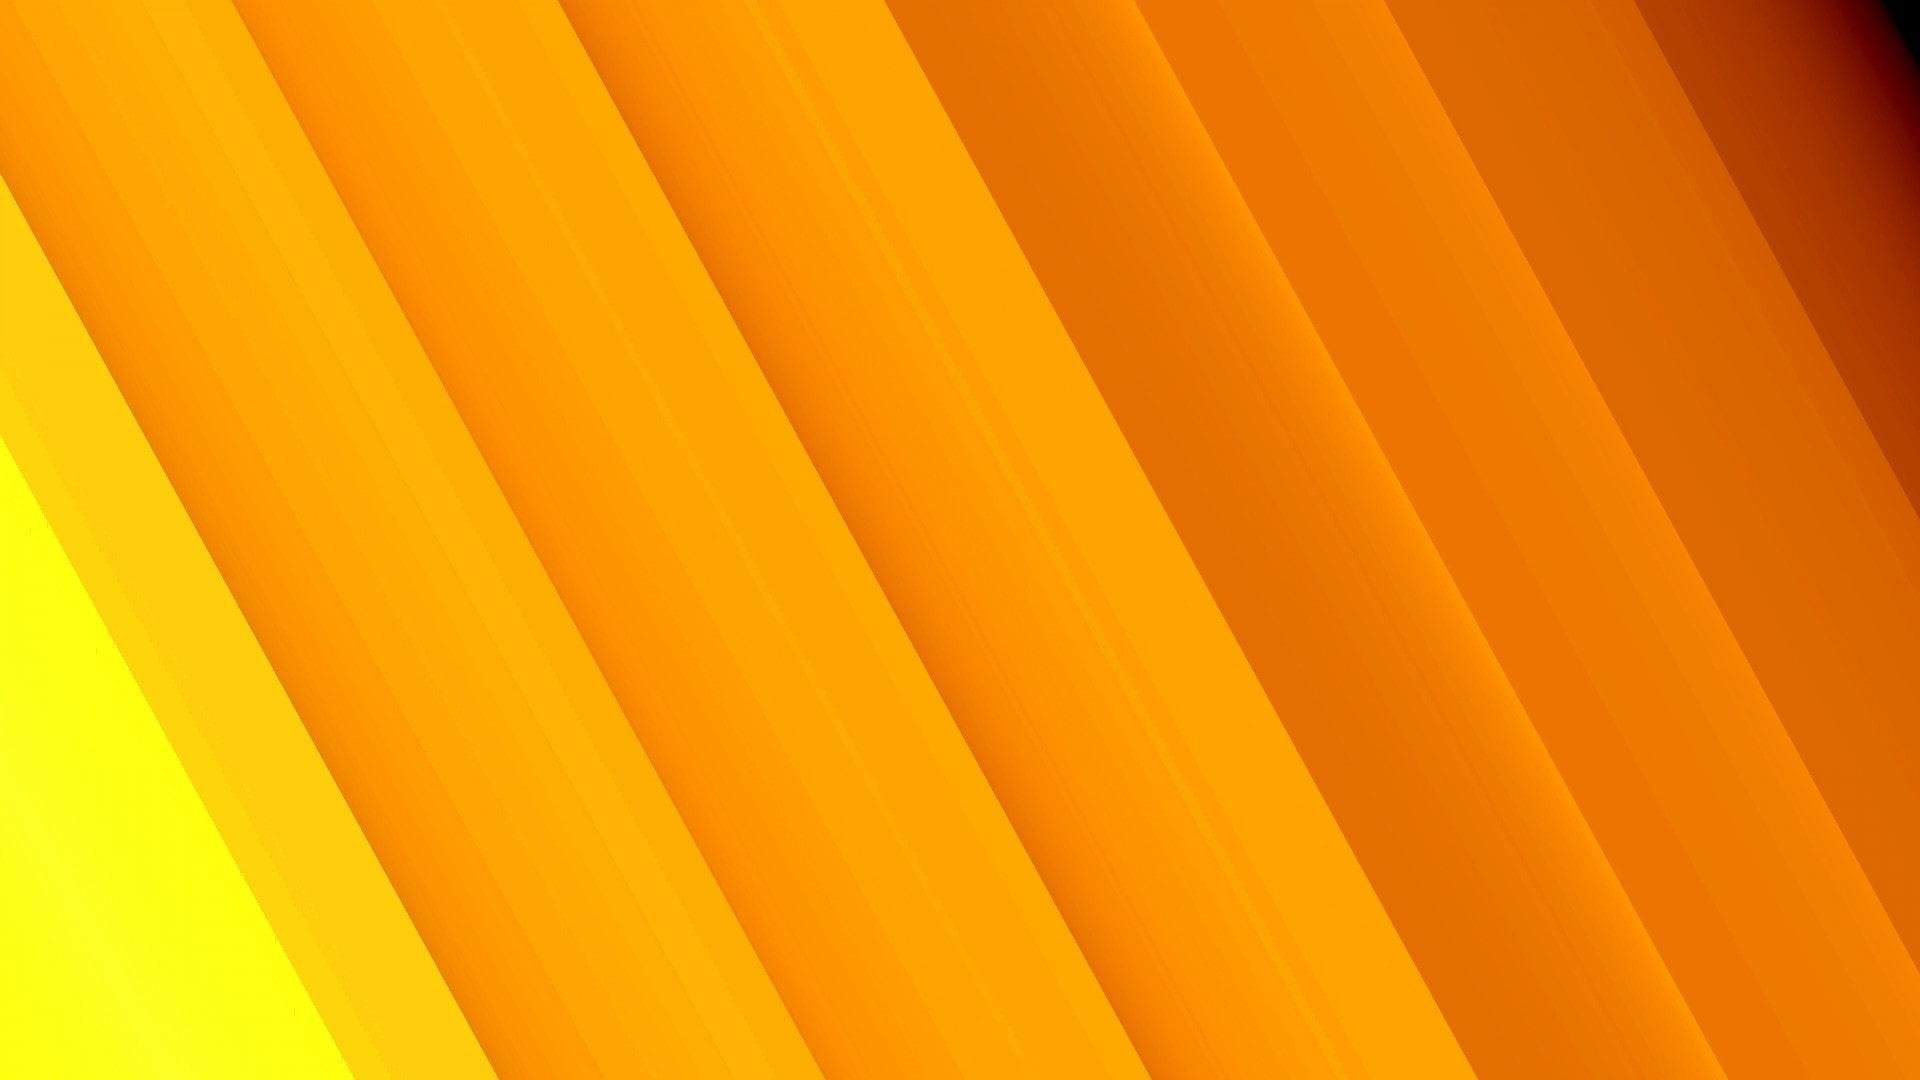 orange-gradient-background-1440541523ZN0